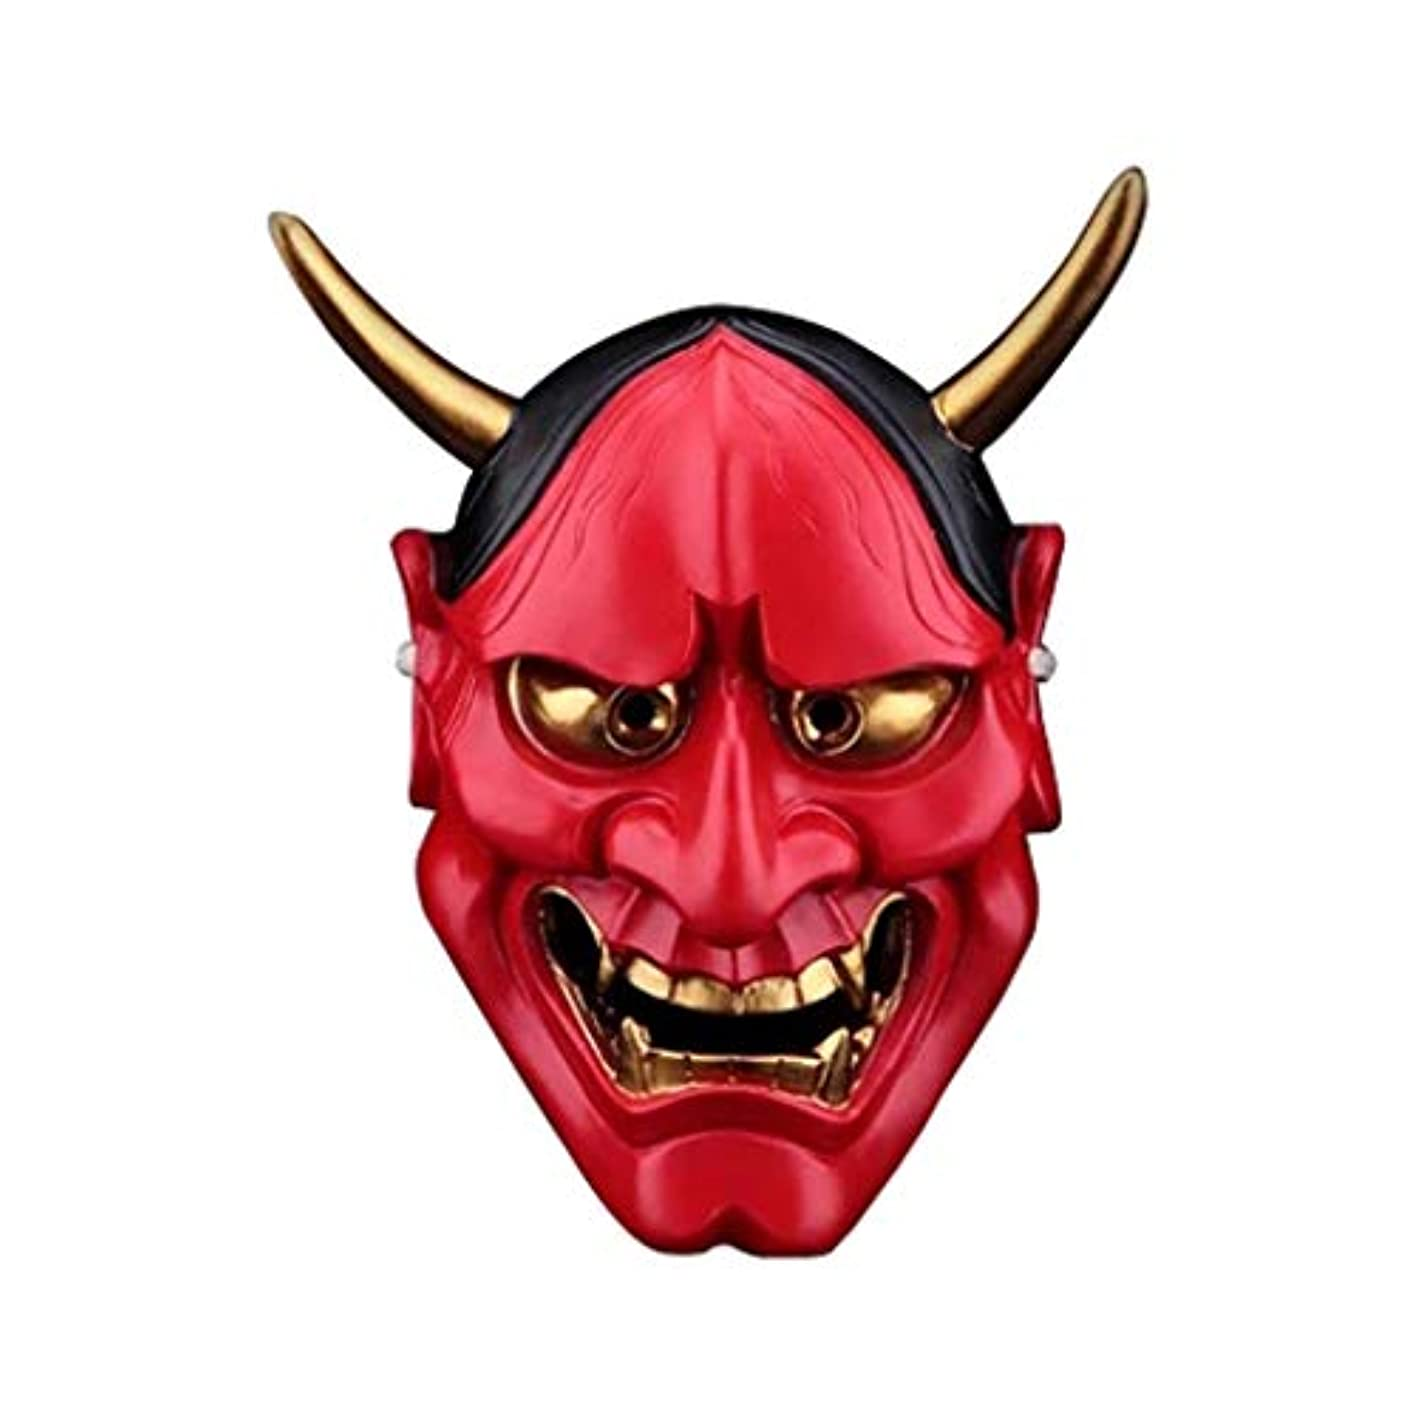 民間優雅なカメラハロウィンホラーマスク、成人用樹脂マスクデコレーション (Color : BRONZE)